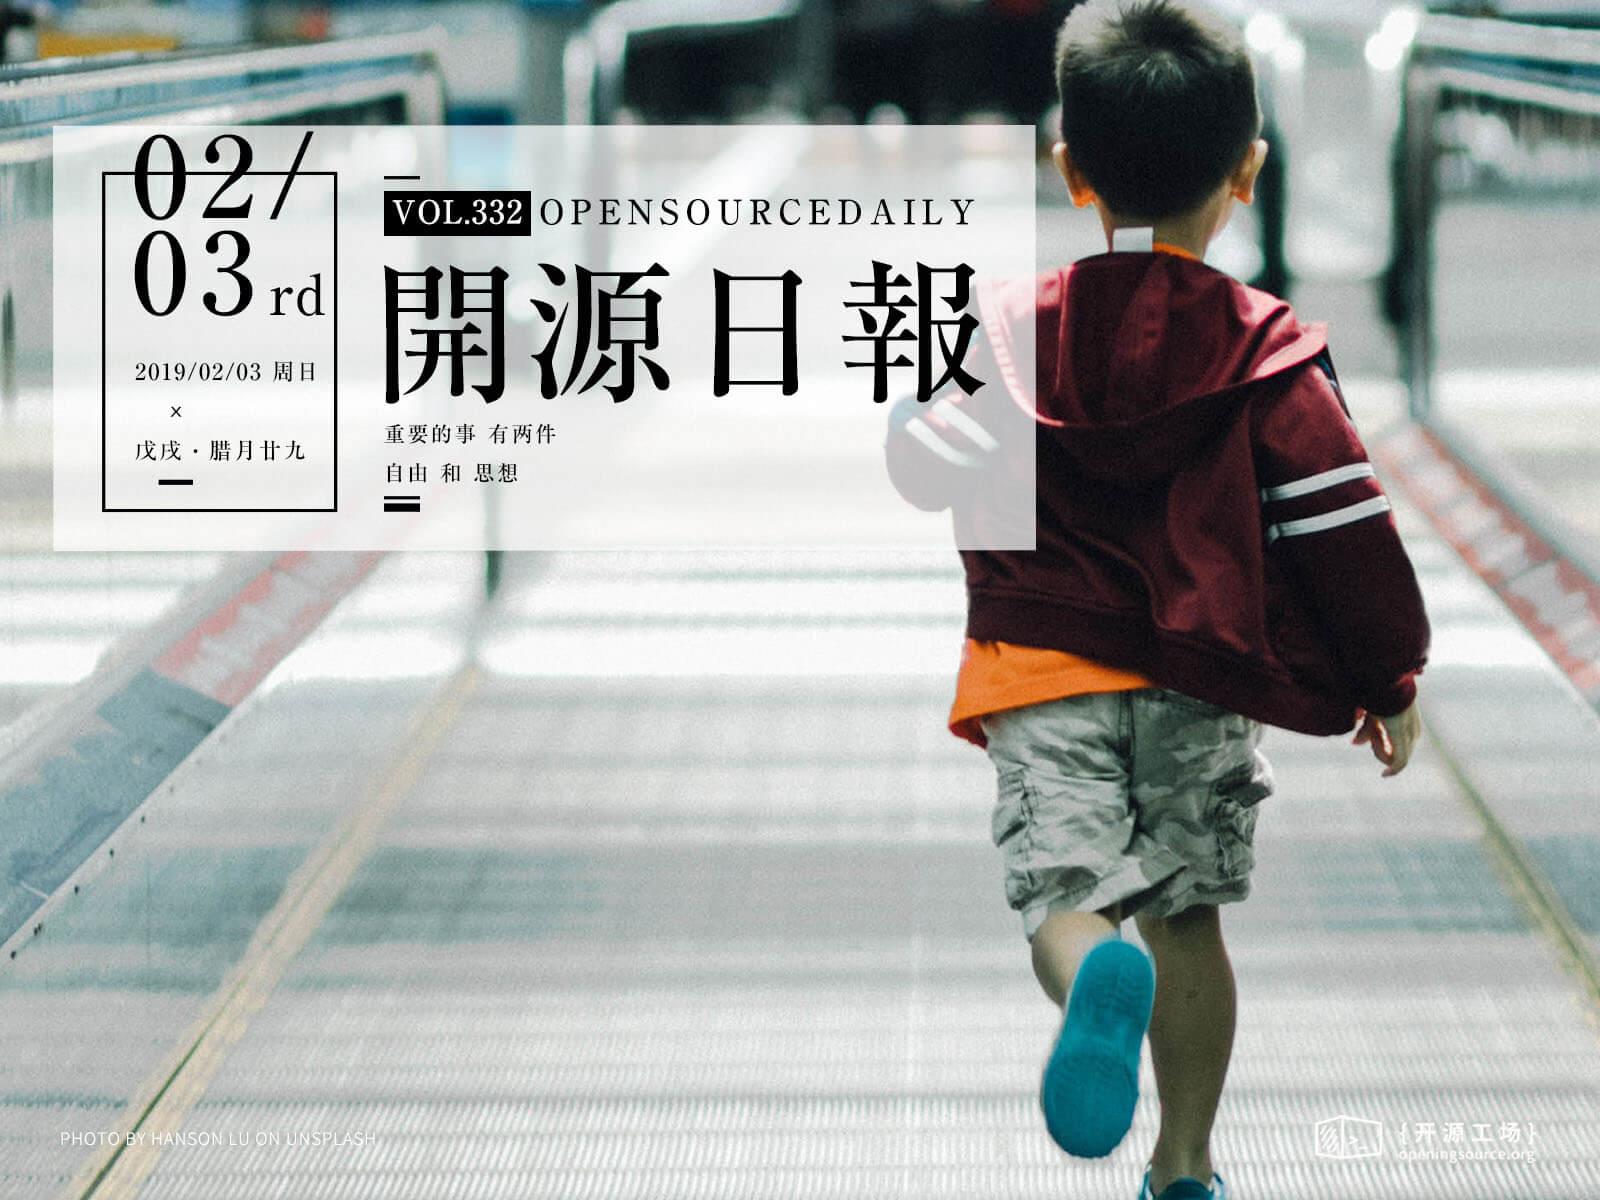 2019年2月3日:開源日報第332期